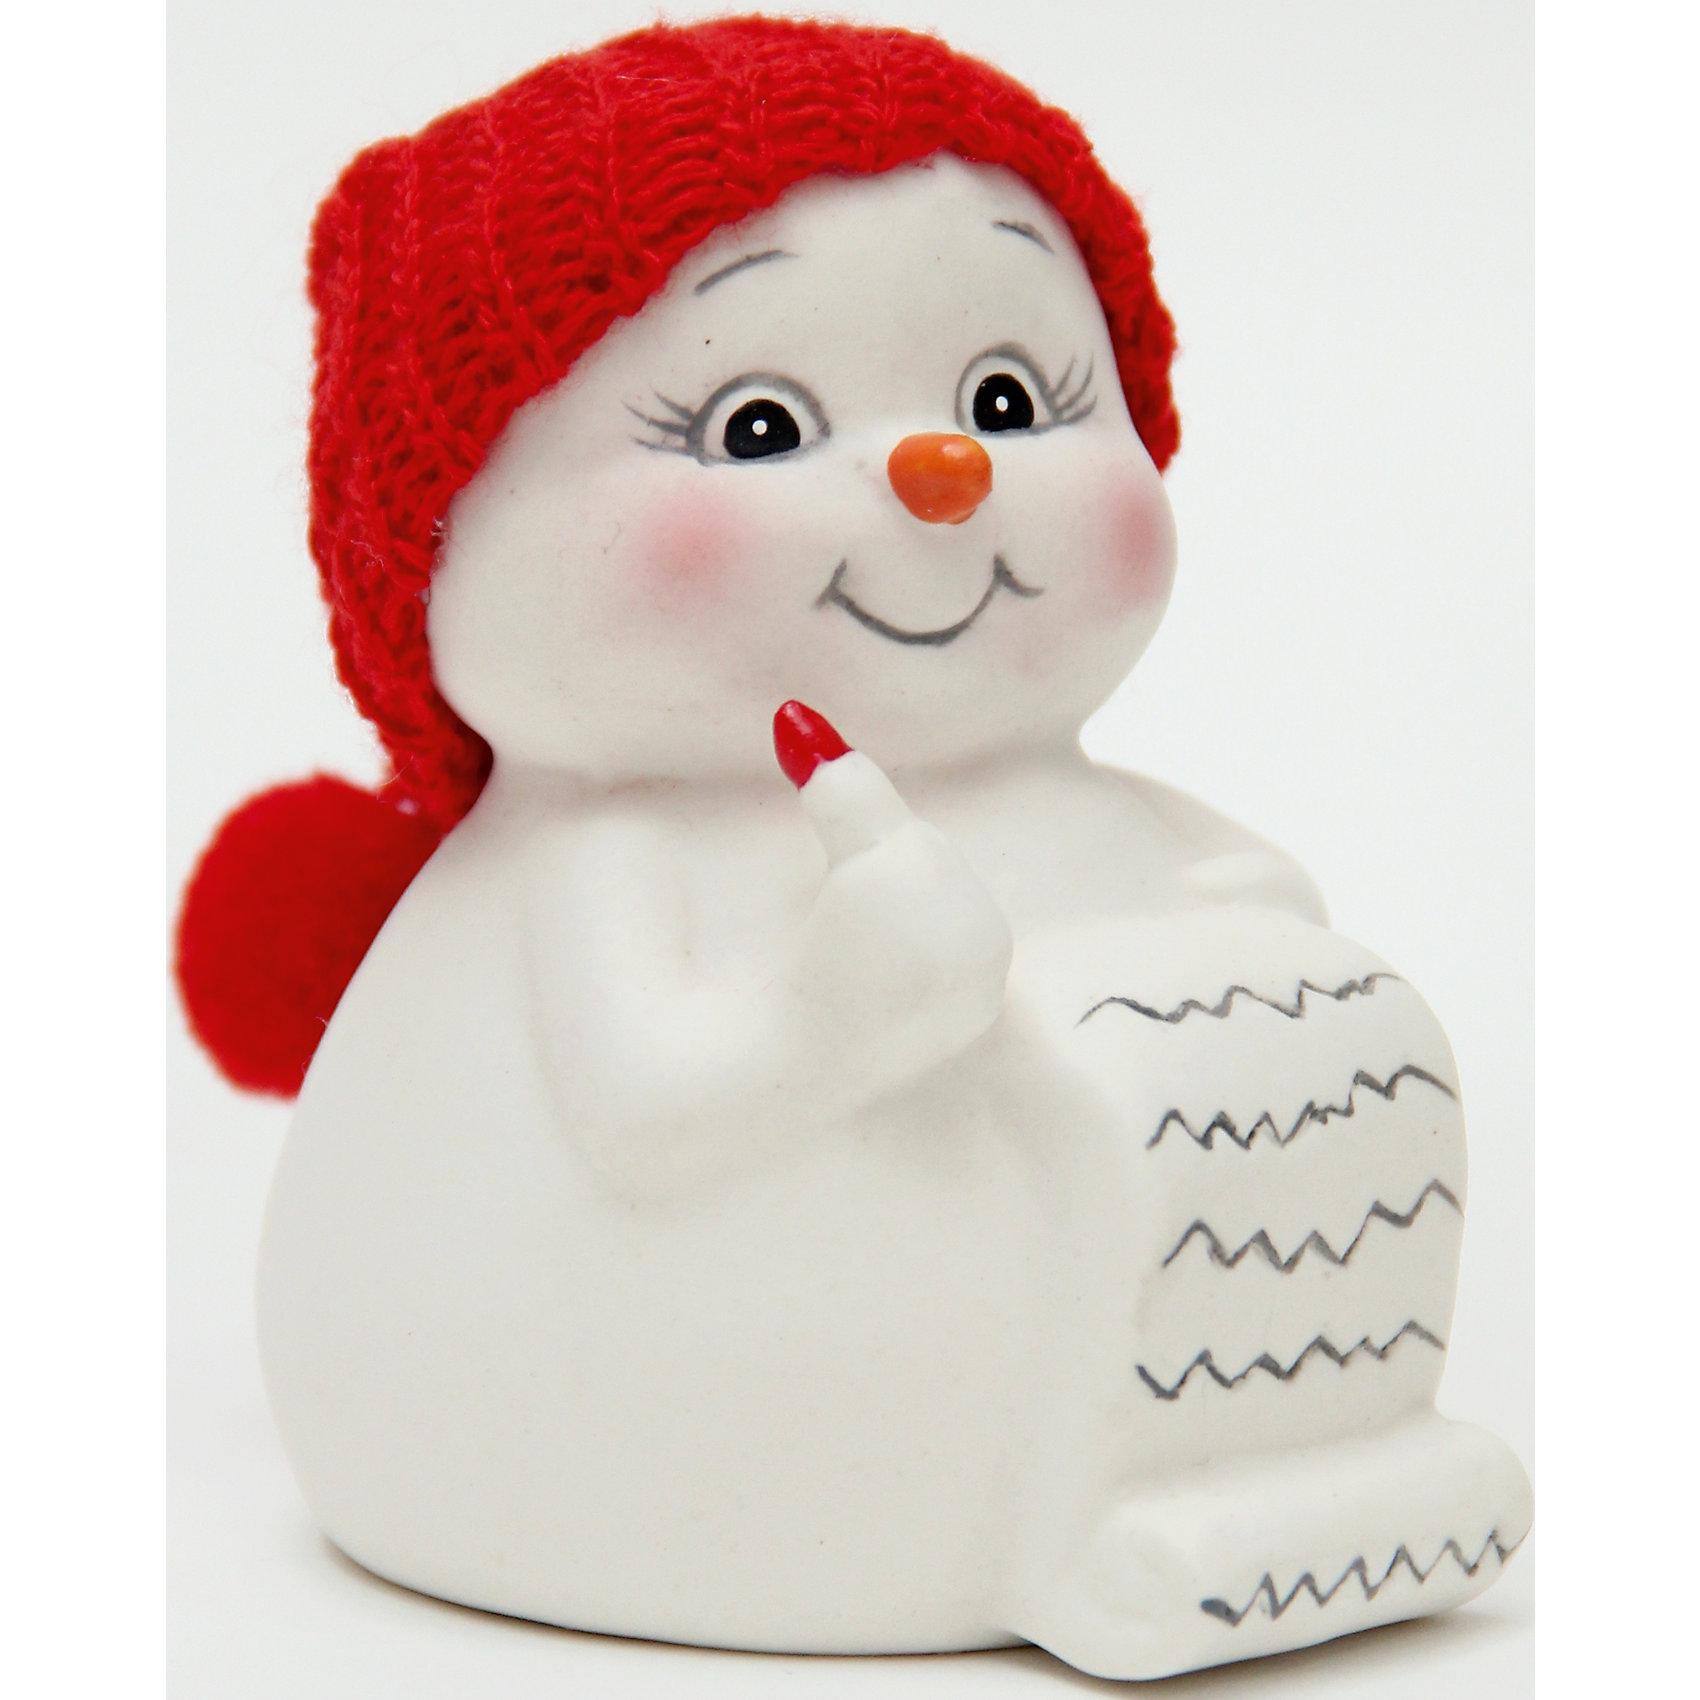 Керамический снеговик Список подарковНовогодние сувениры<br>Эта керамическая фигурка может стать отличным подарком на Новый год или украшением для дома! Особое время - сам праздник и предновогодние хлопоты - ждут не только дети, но и взрослые! Праздничное настроение создает в первую очередь украшенный дом и наряженная ёлка. <br>Эта фигурка создаст особый настрой, она выглядит очень празднично и симпатично. Изделие произведено из безопасного для детей материала. Создайте с ним праздничное настроение себе и близким!<br><br>Дополнительная информация:<br><br>цвет: разноцветный;<br>материал: керамика;<br>размер: 8 см.<br><br>Керамический снеговик Список подарков можно купить в нашем магазине.<br><br>Ширина мм: 150<br>Глубина мм: 150<br>Высота мм: 60<br>Вес г: 103<br>Возраст от месяцев: 36<br>Возраст до месяцев: 2147483647<br>Пол: Унисекс<br>Возраст: Детский<br>SKU: 4981673